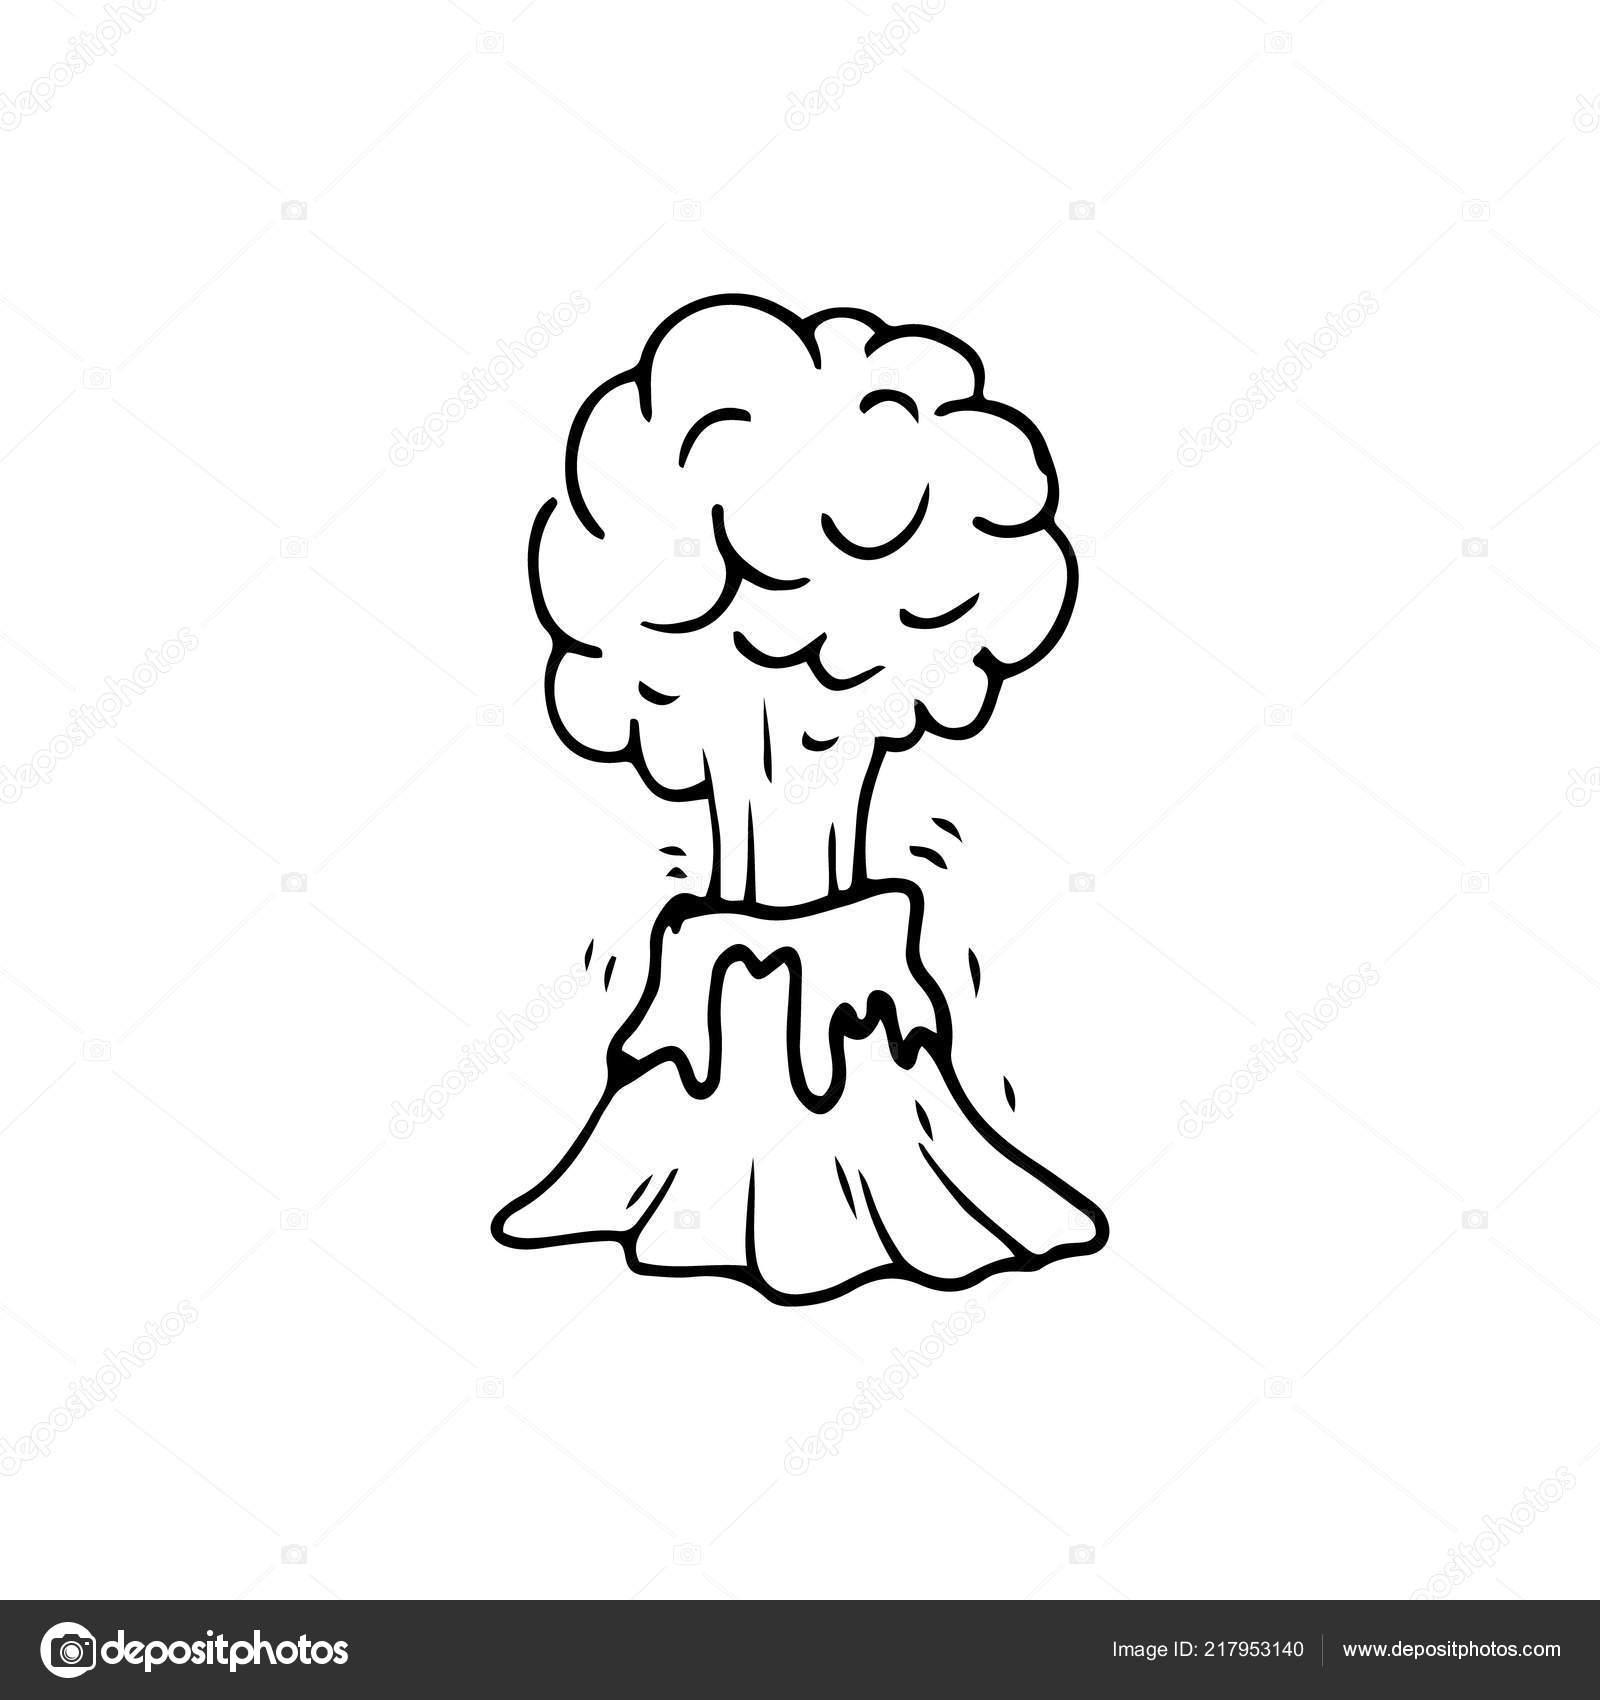 Icono Doodle Volcán Handdrawn Dibujo Negro Dibujado Mano Símbolo